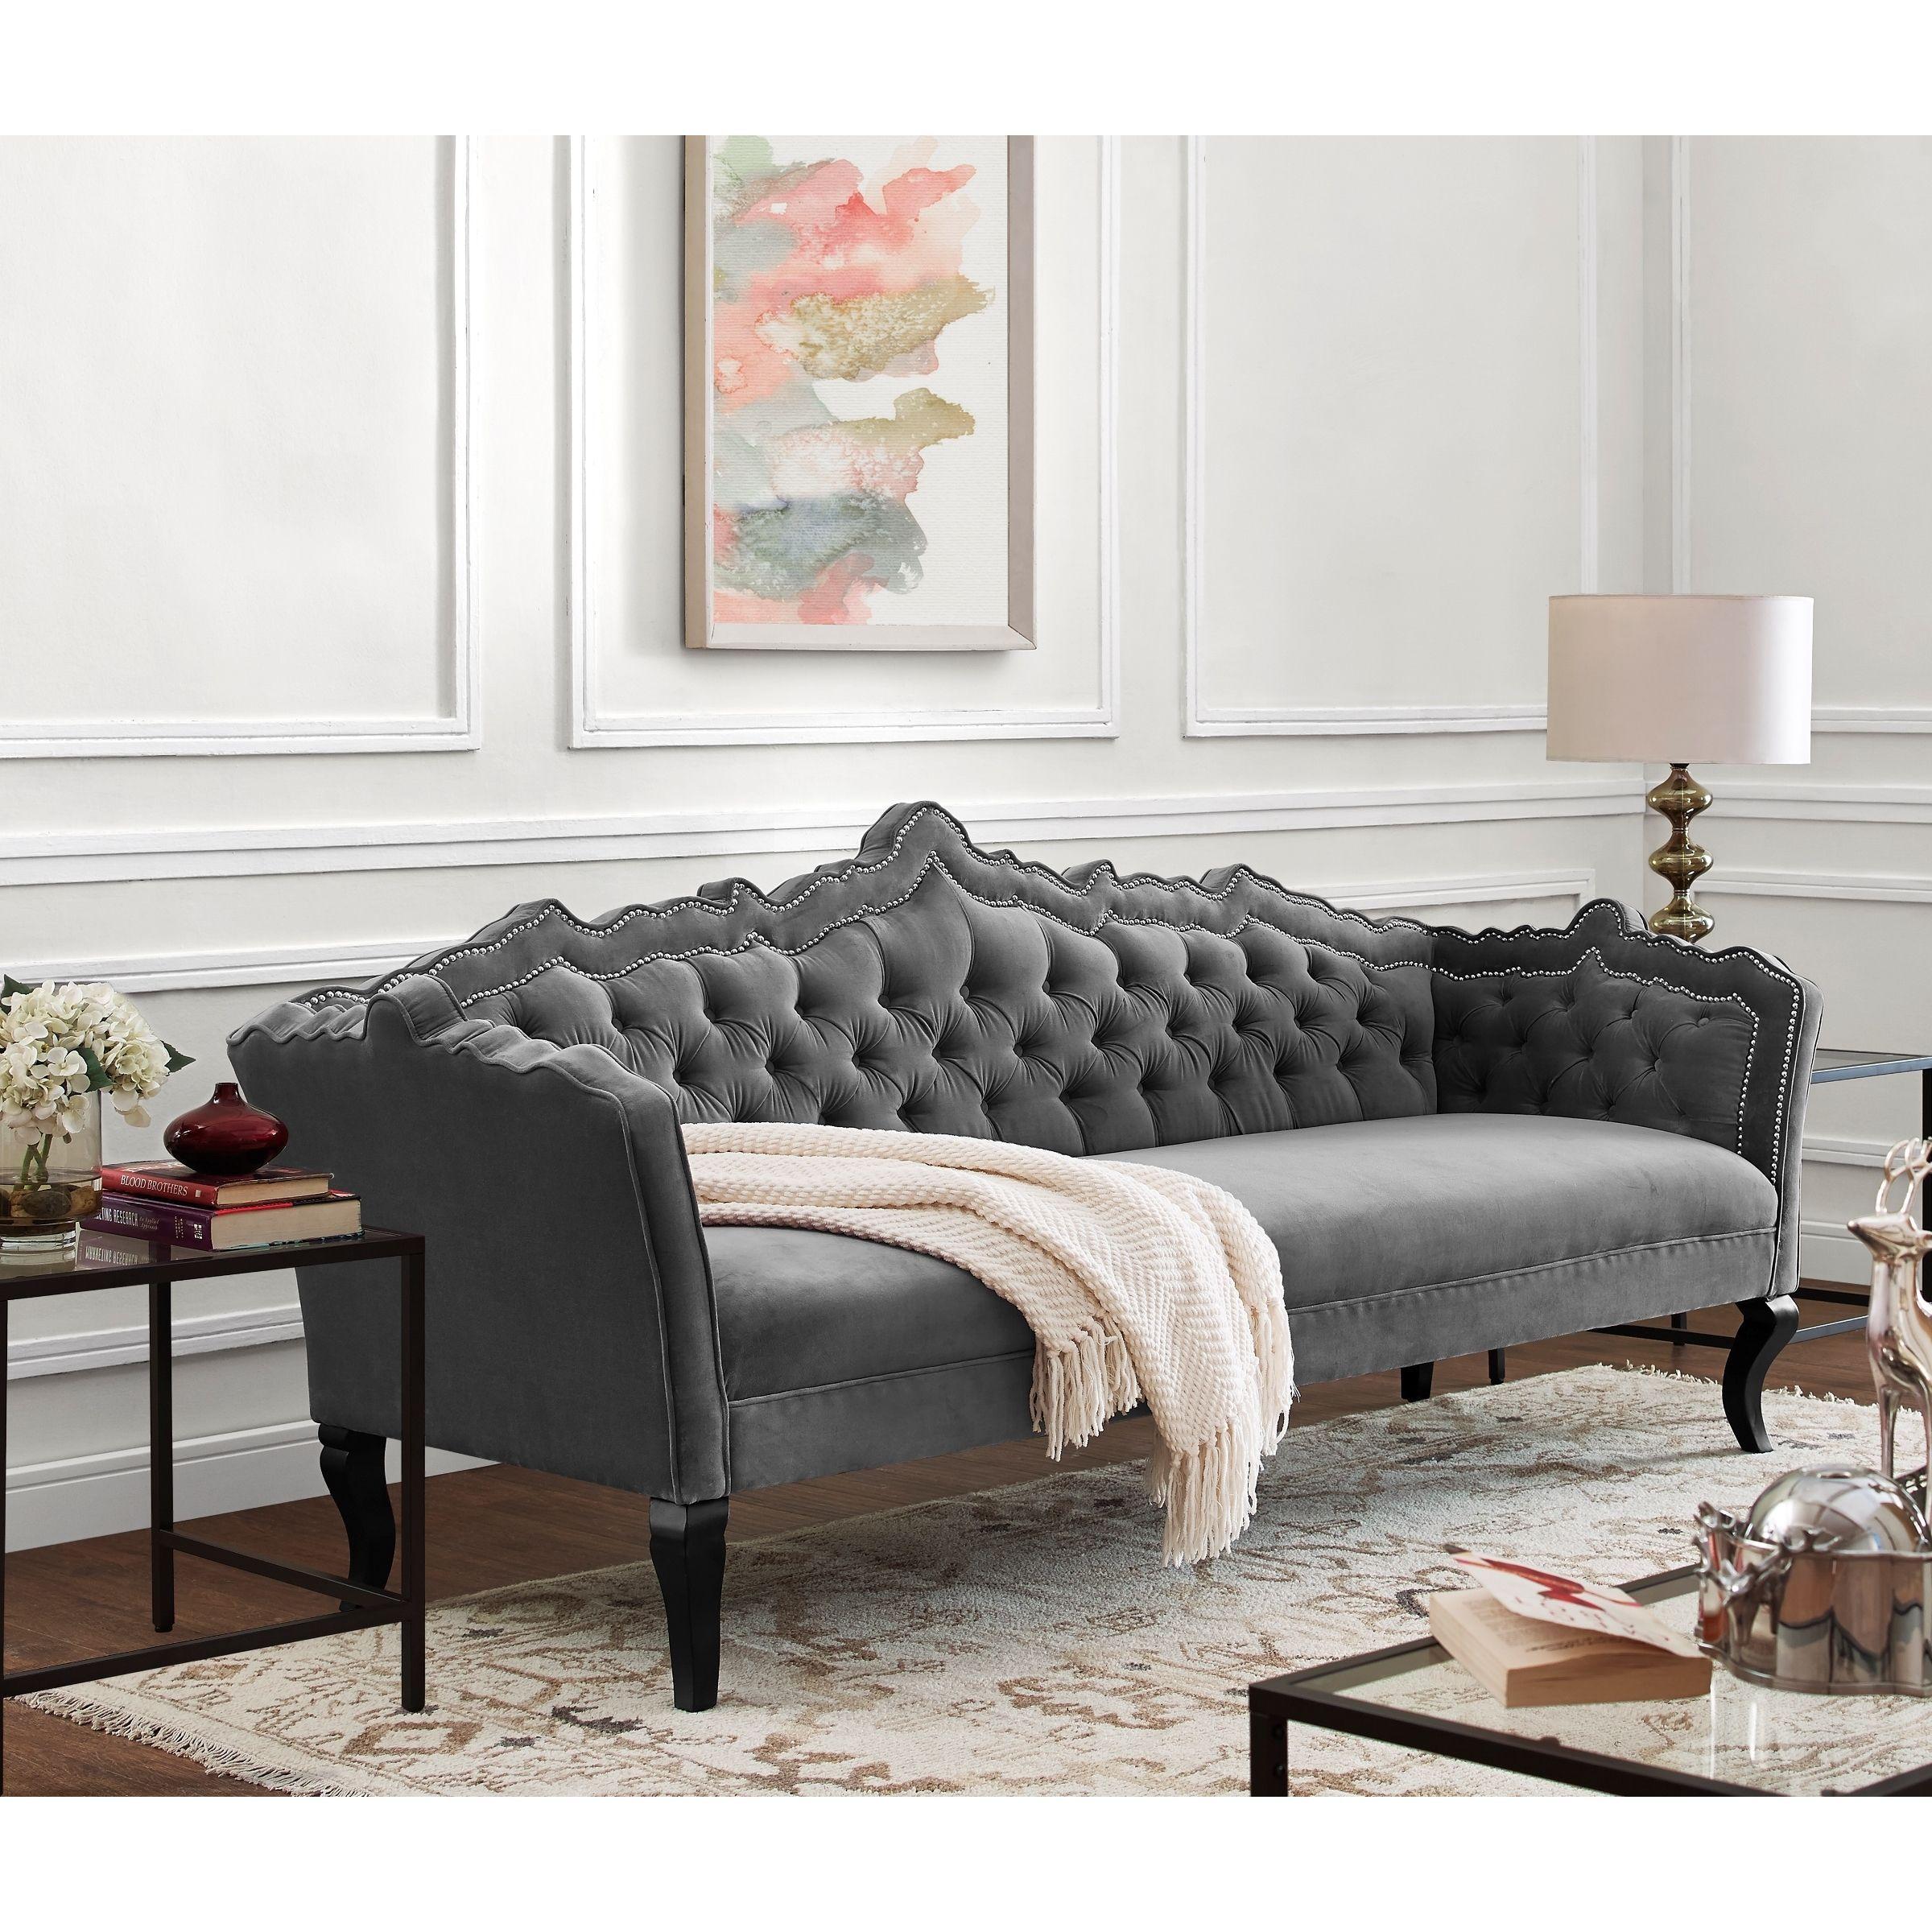 living room decor sofa design